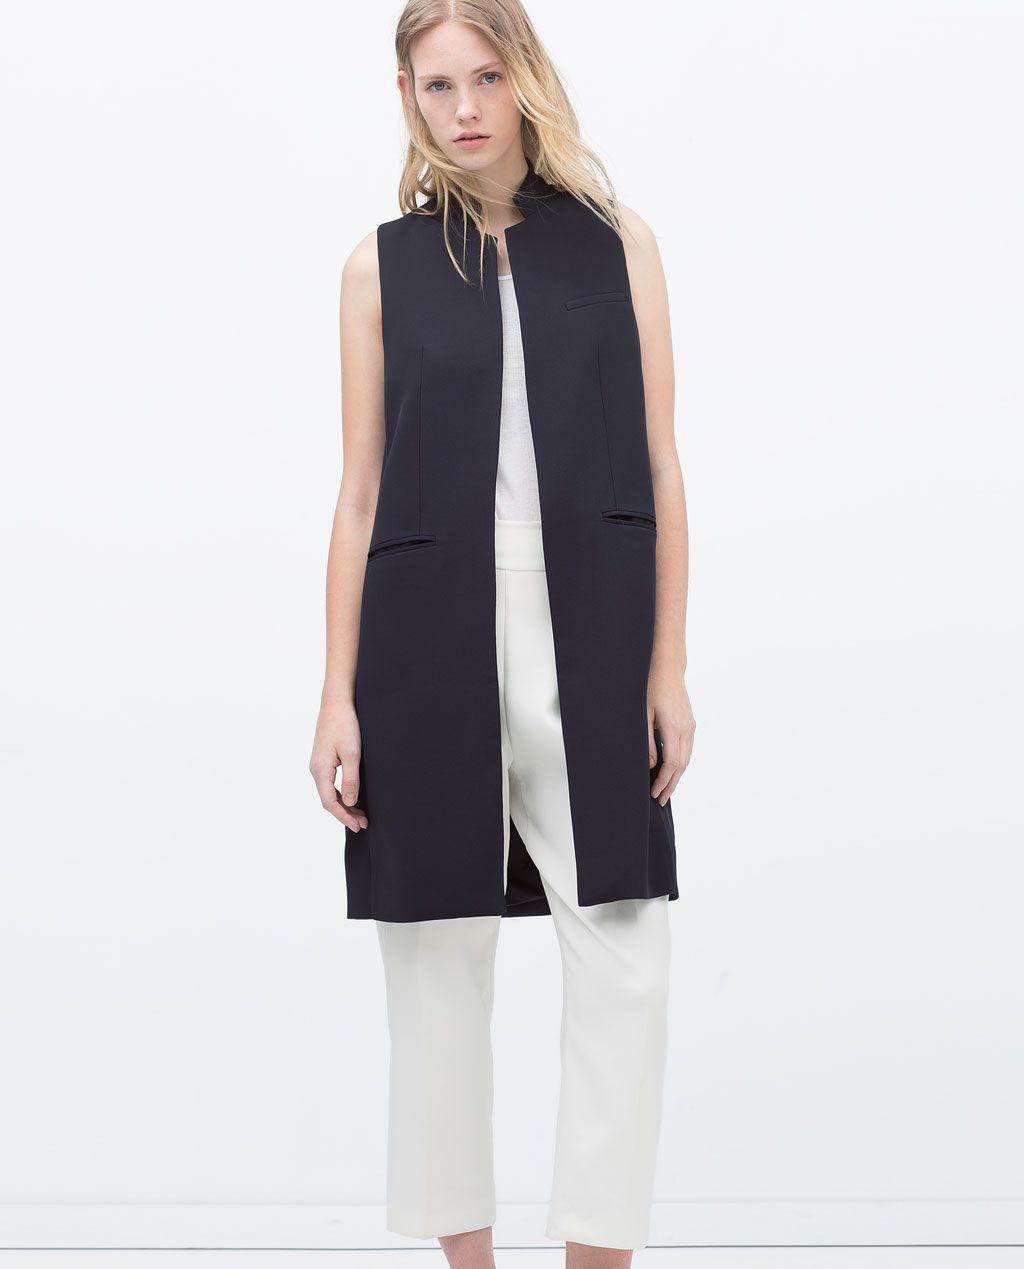 Zara abrigos, chaquetas y chalecos formales para mujer   eBay